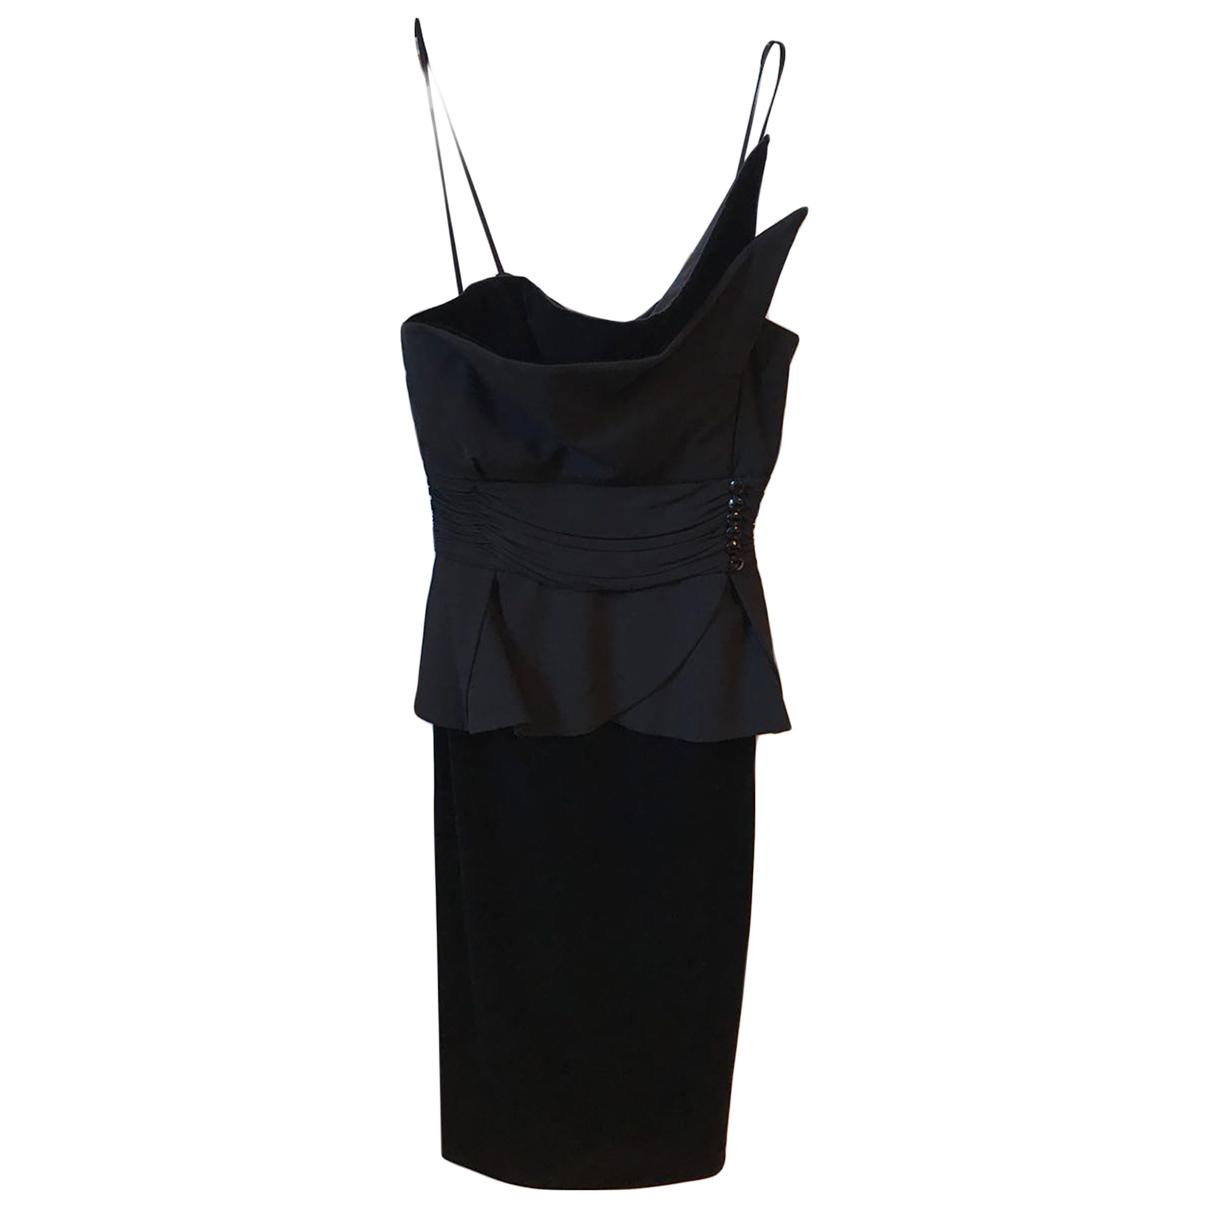 Emporio Armani \N Kleid in  Schwarz Samt